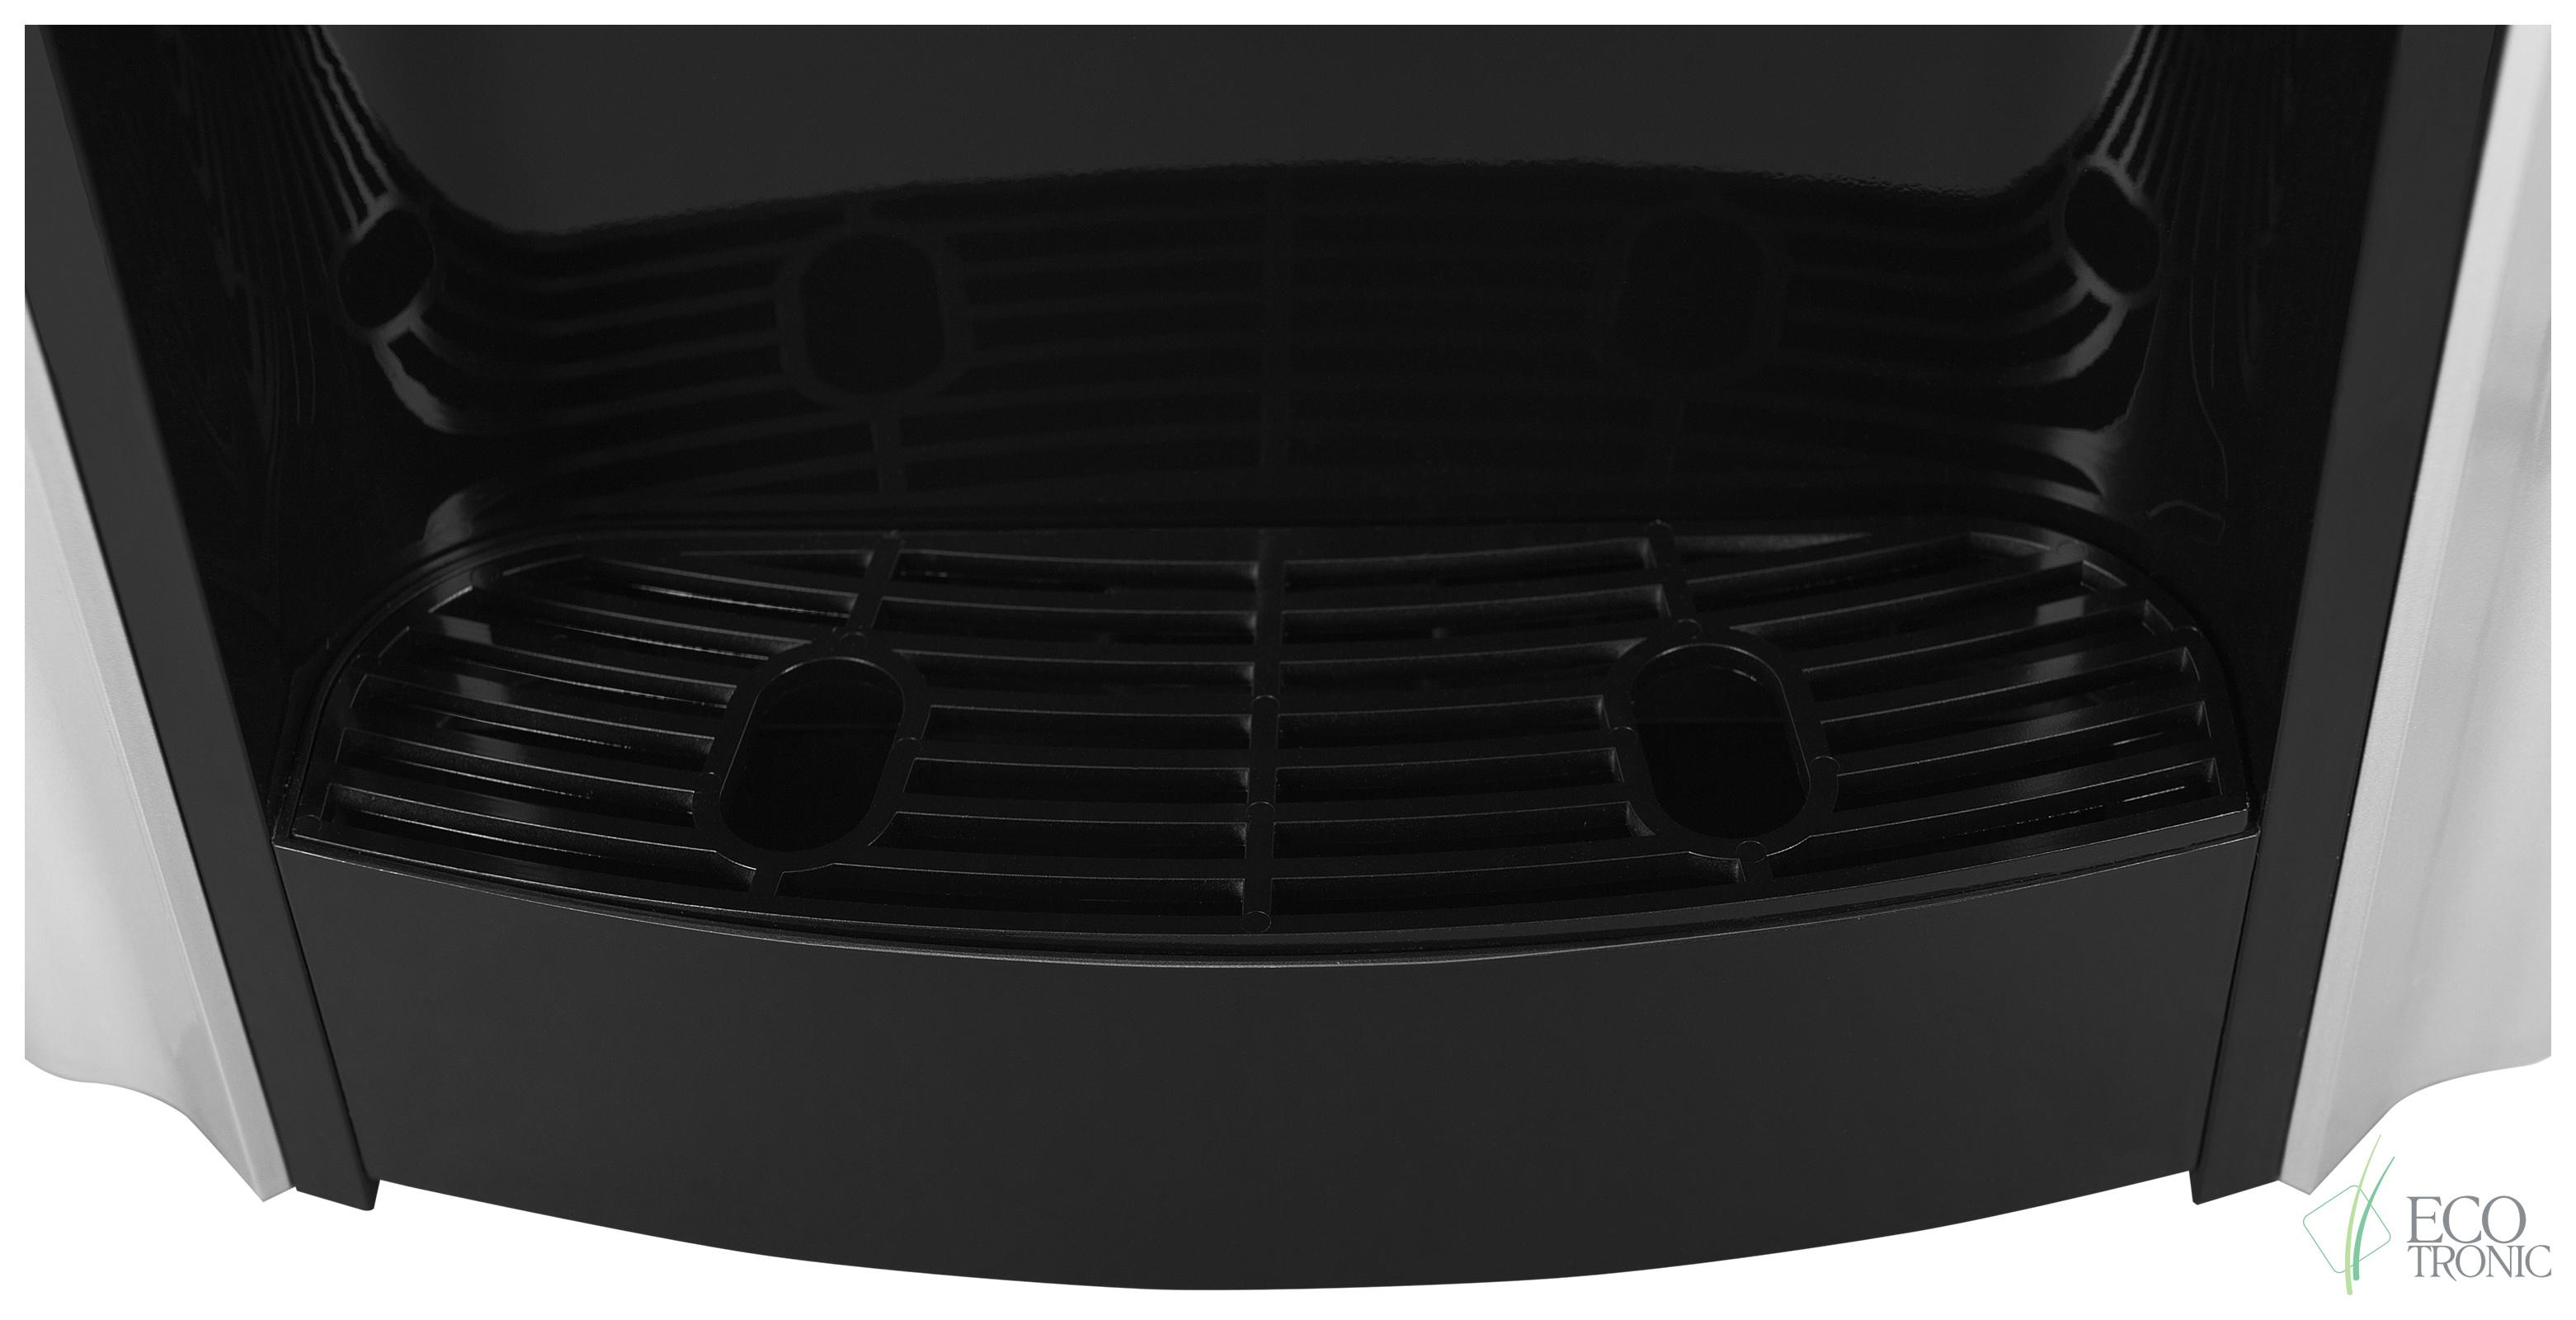 Кулер Ecotronic C21-TN black без охлаждения